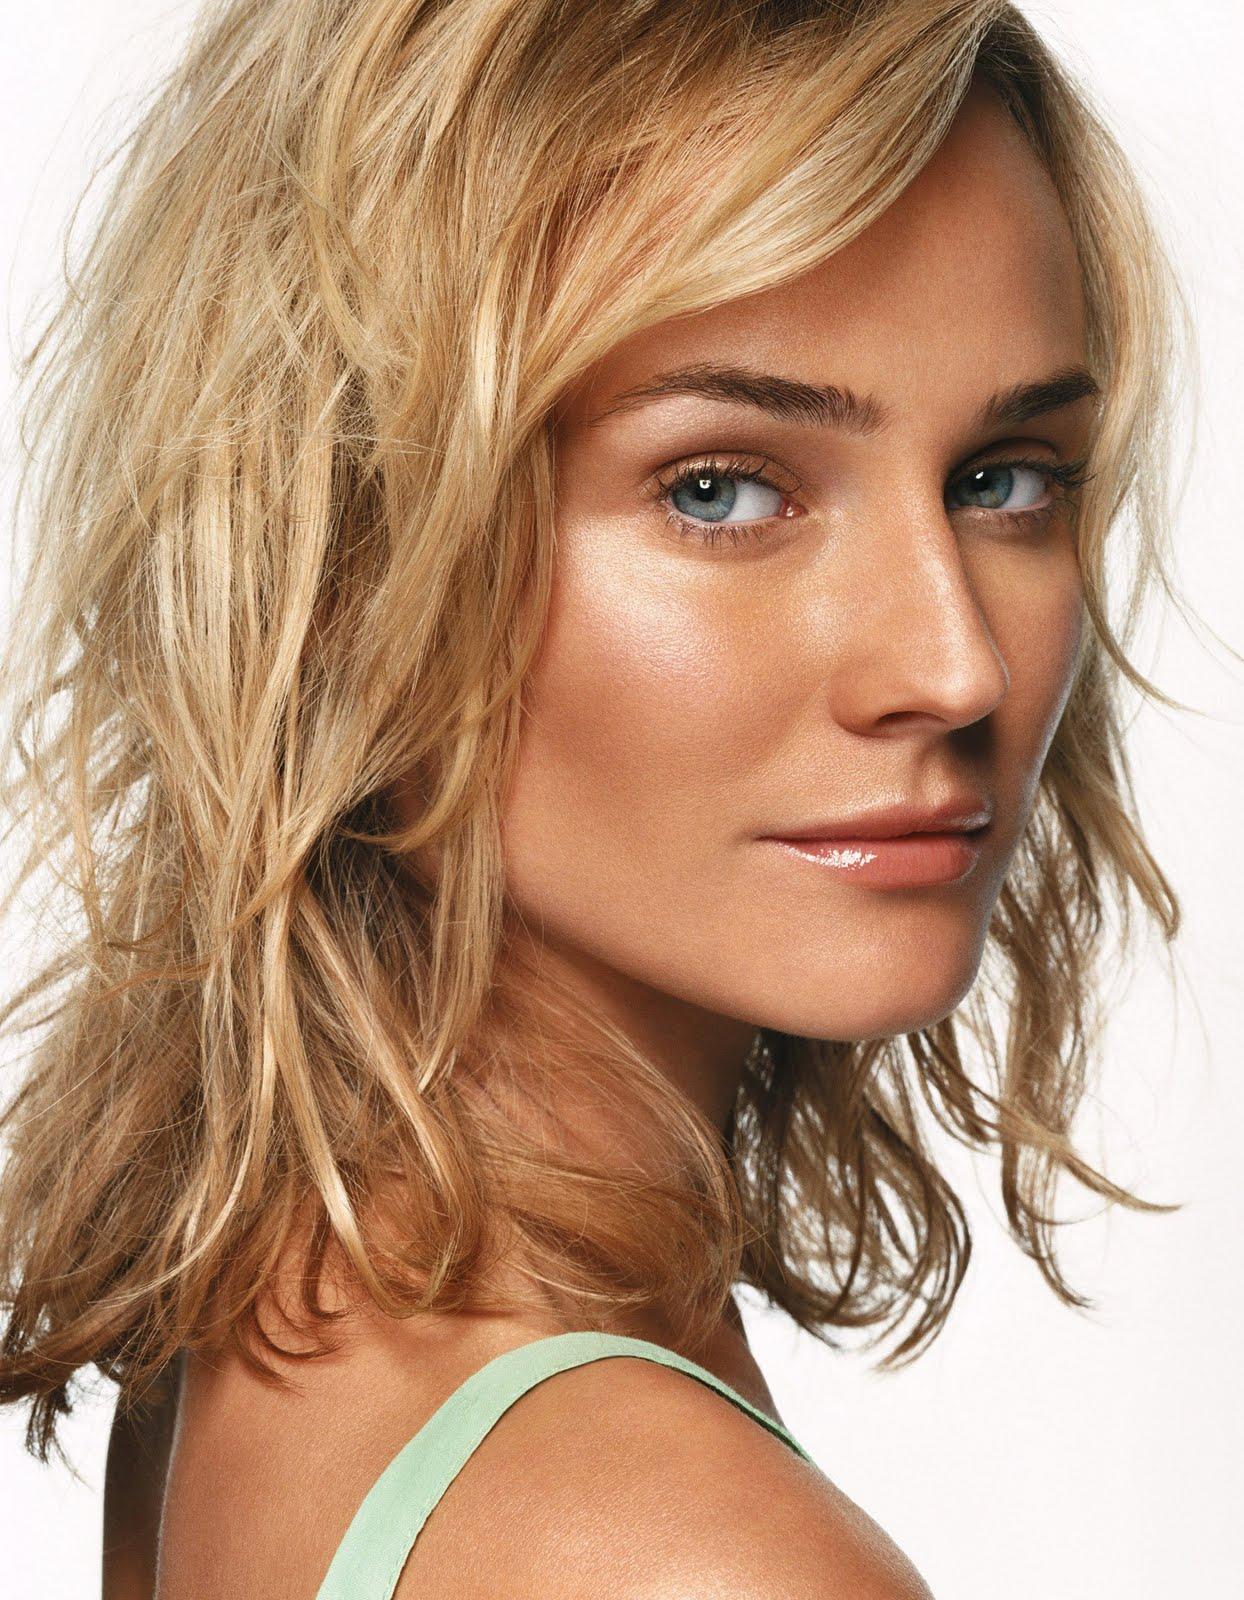 http://3.bp.blogspot.com/-Dzqe_7ojbws/Tb5Fg1Azo3I/AAAAAAAAE9Q/936-a5zhtaM/s1600/Diane-Kruger-famous-celebrity.jpg